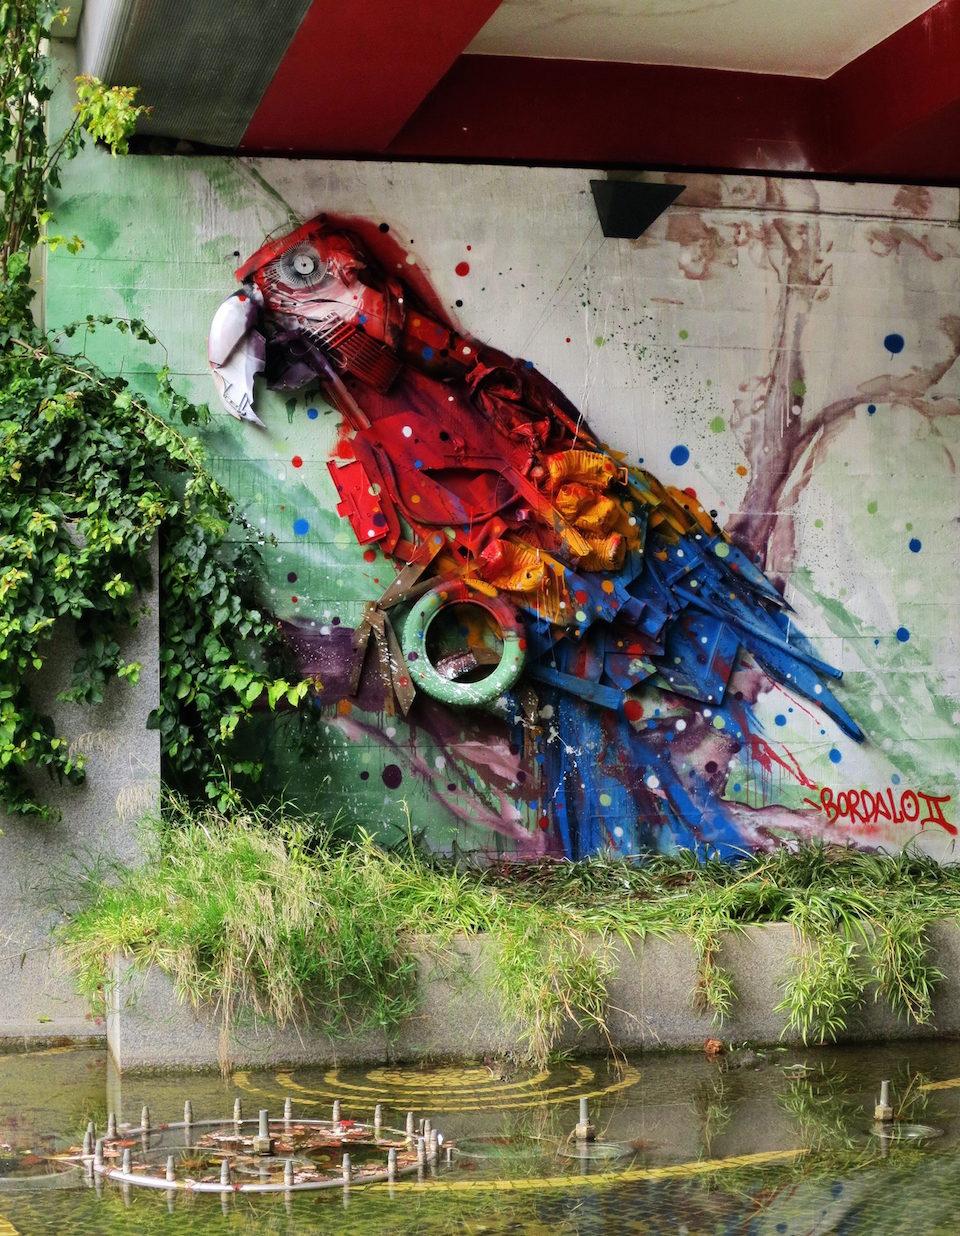 2 Street Art by Bordalo II in Lisbon, Portugal